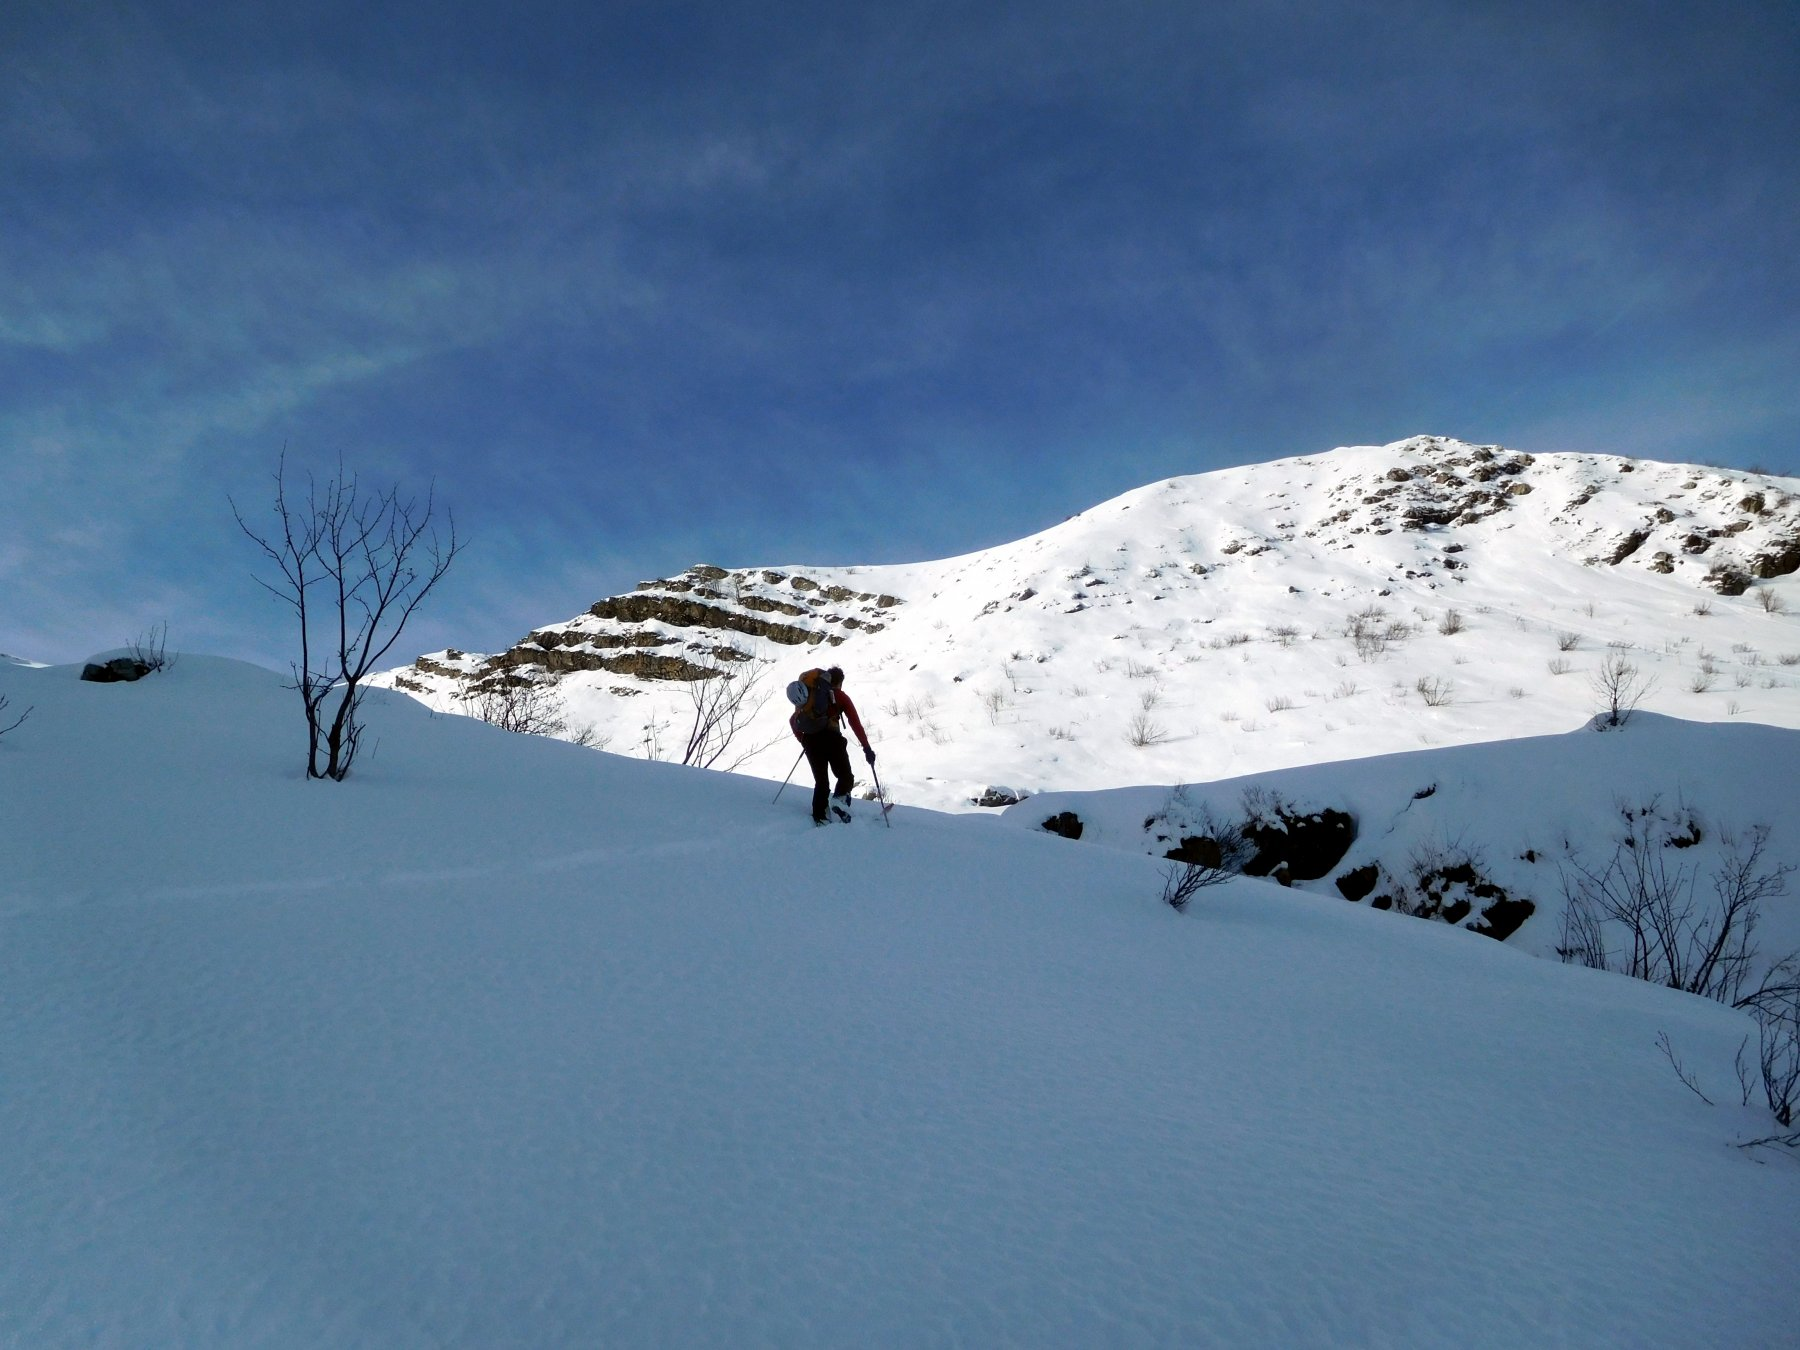 si batte traccia in neve profonda